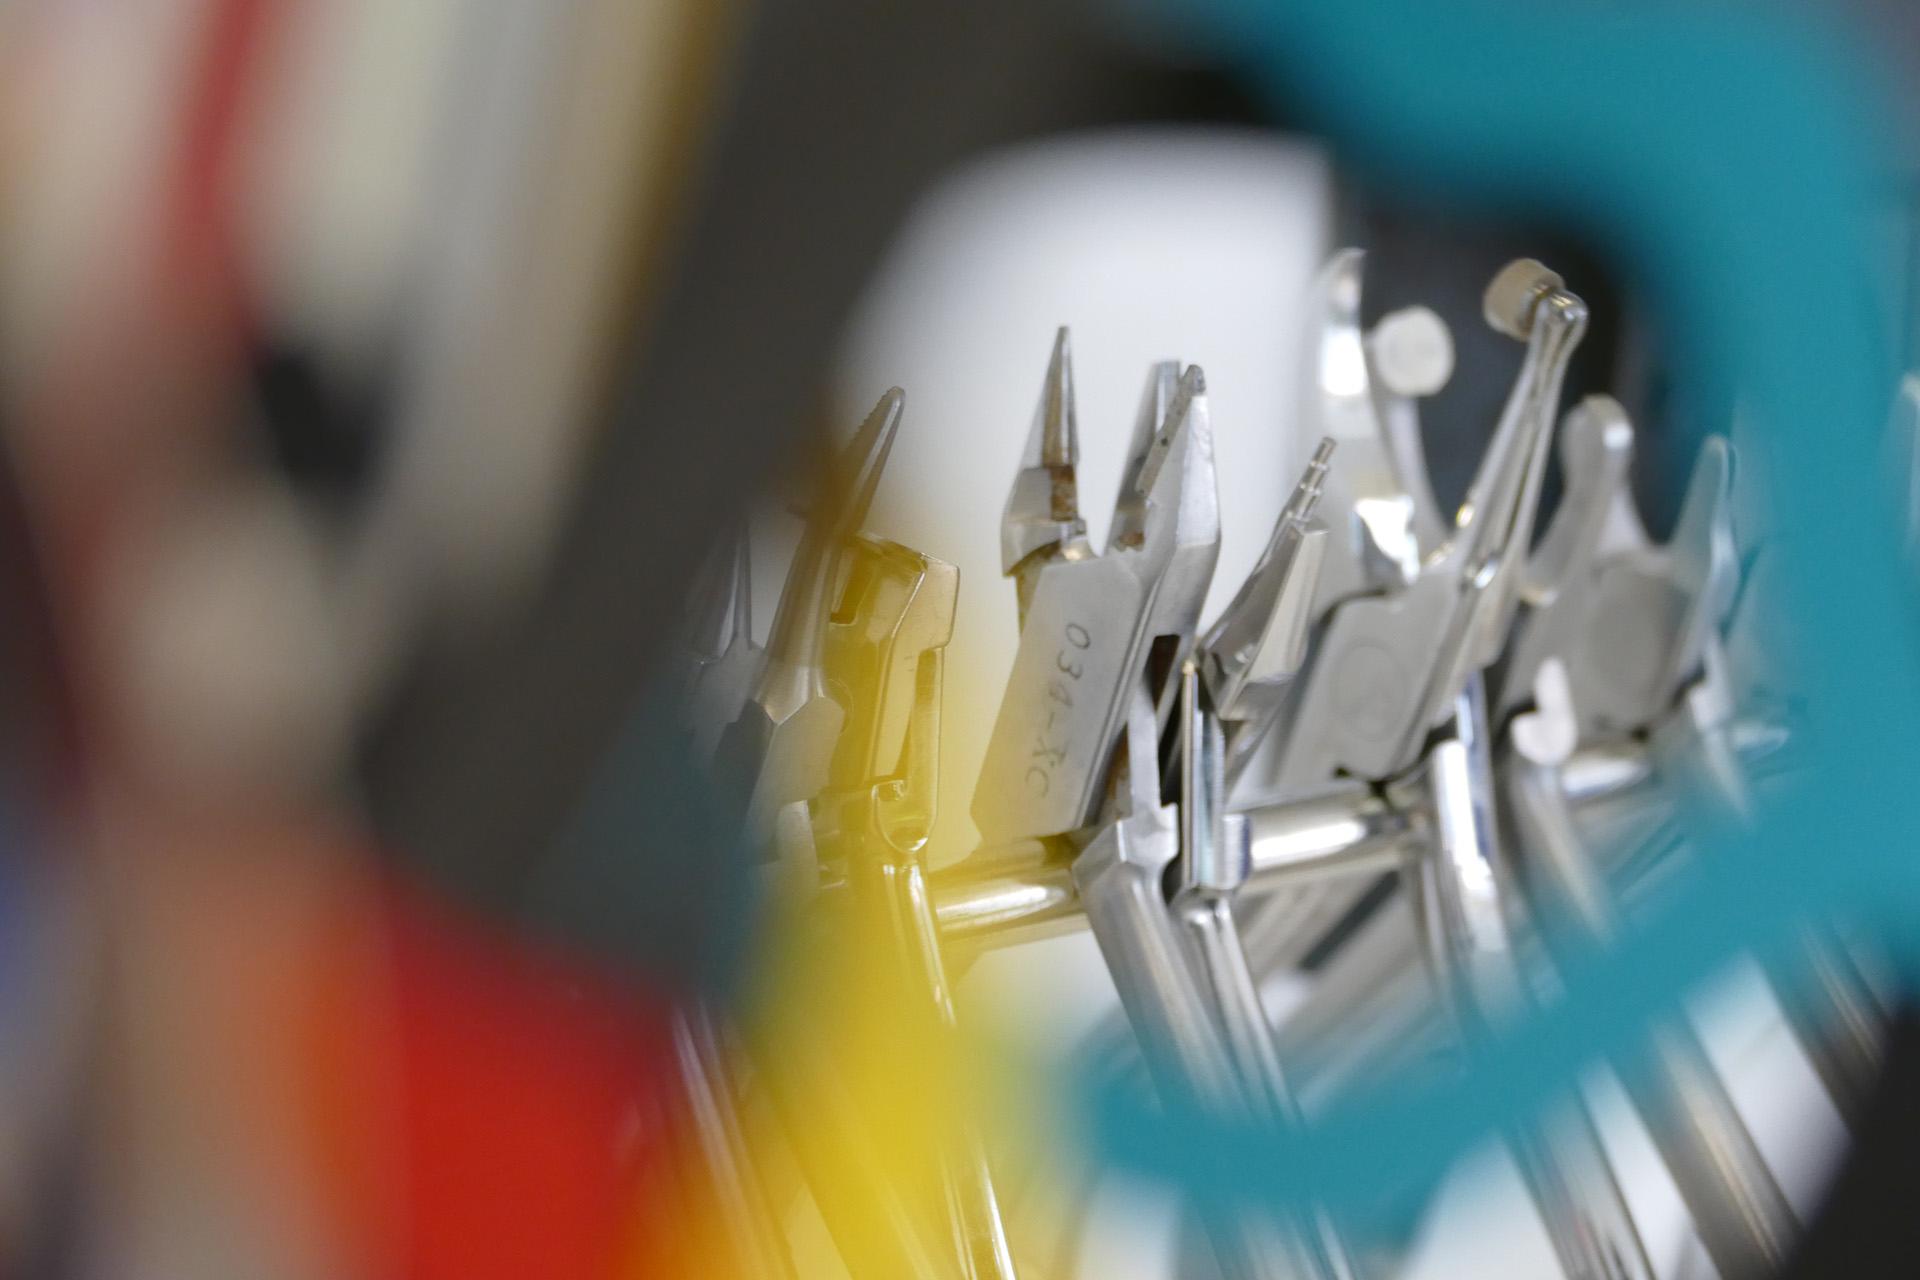 clinica ortodoncia elche 01